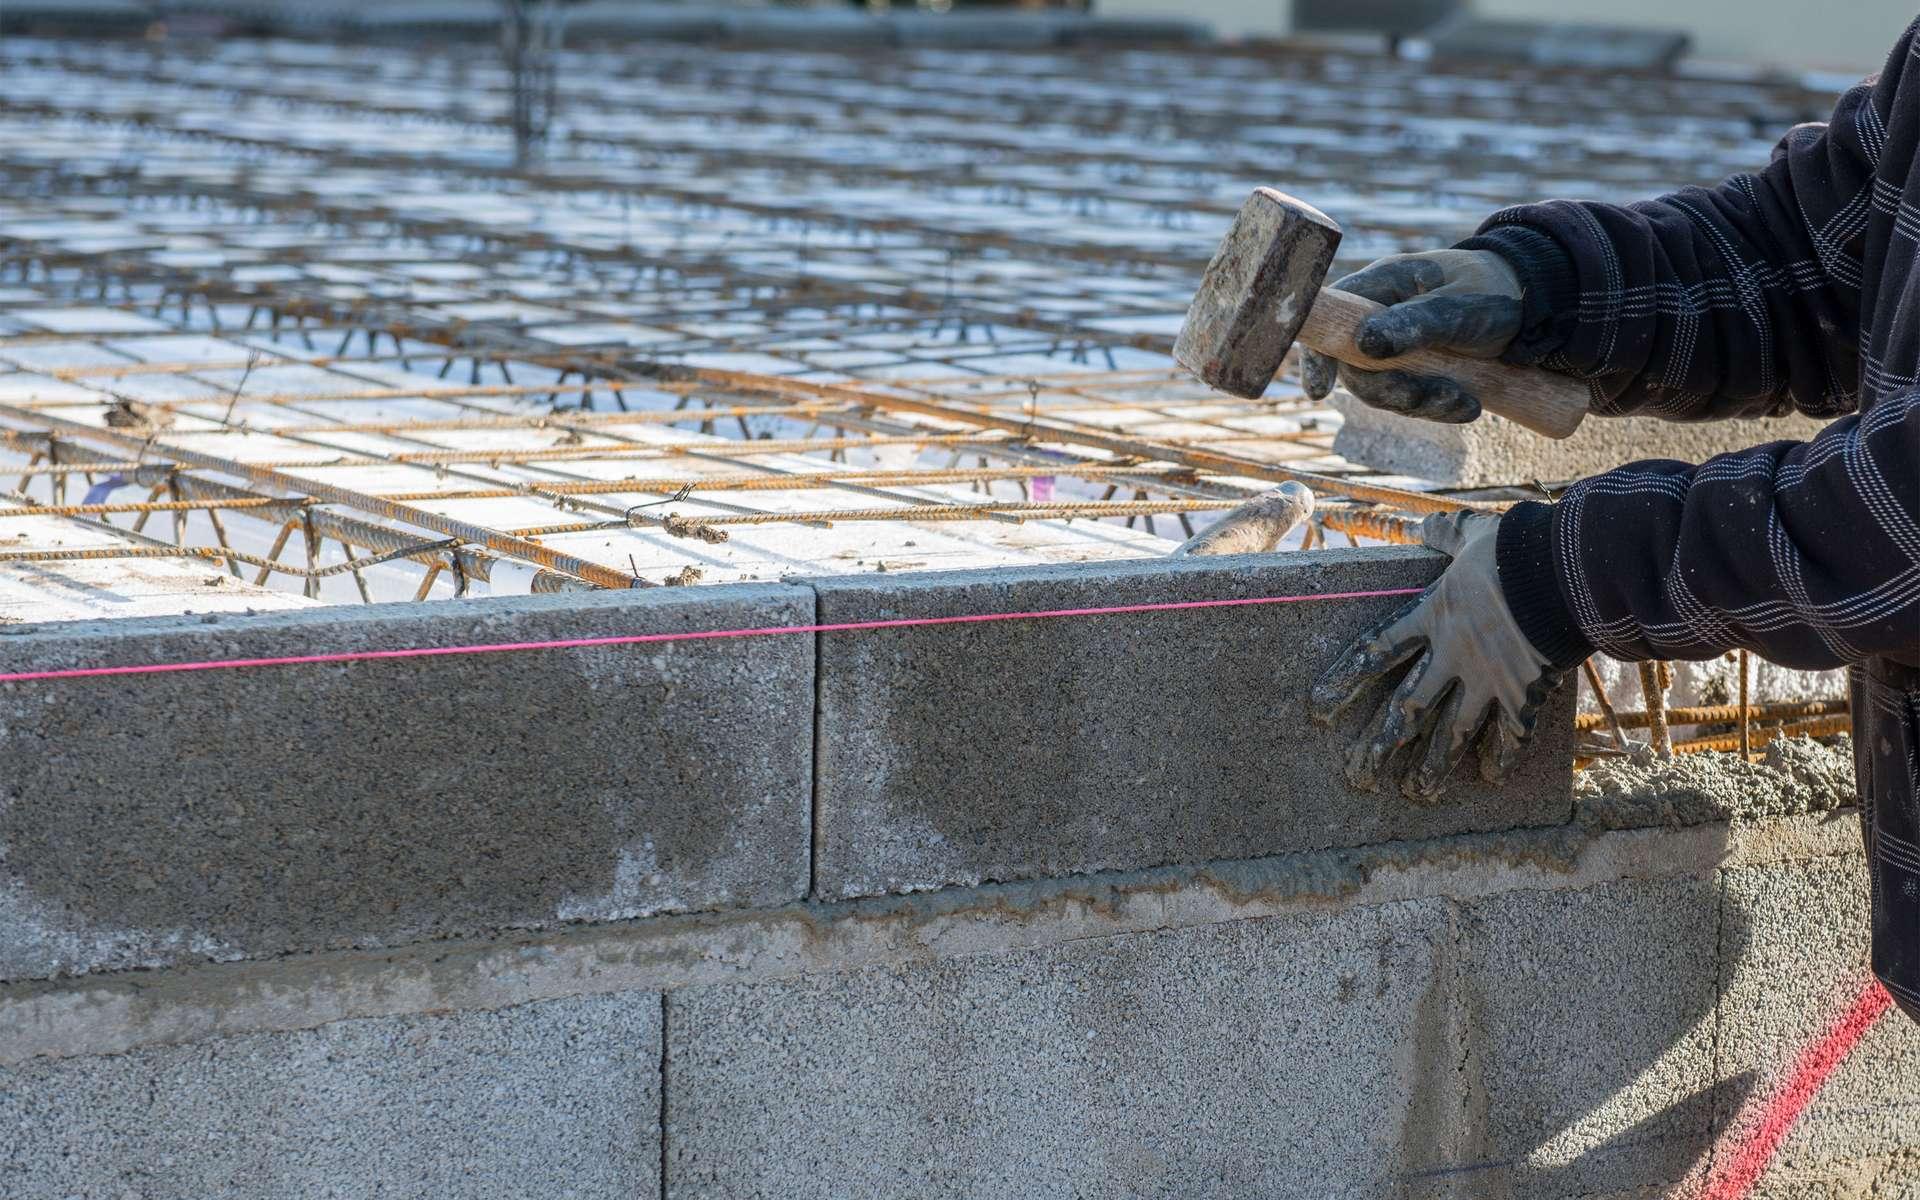 La planelle se pose en périphérie d'un plancher. Elle se présente sous forme de bloc et peut être en parpaing, en brique ou en béton cellulaire. © Pictures news, Adobe Stock